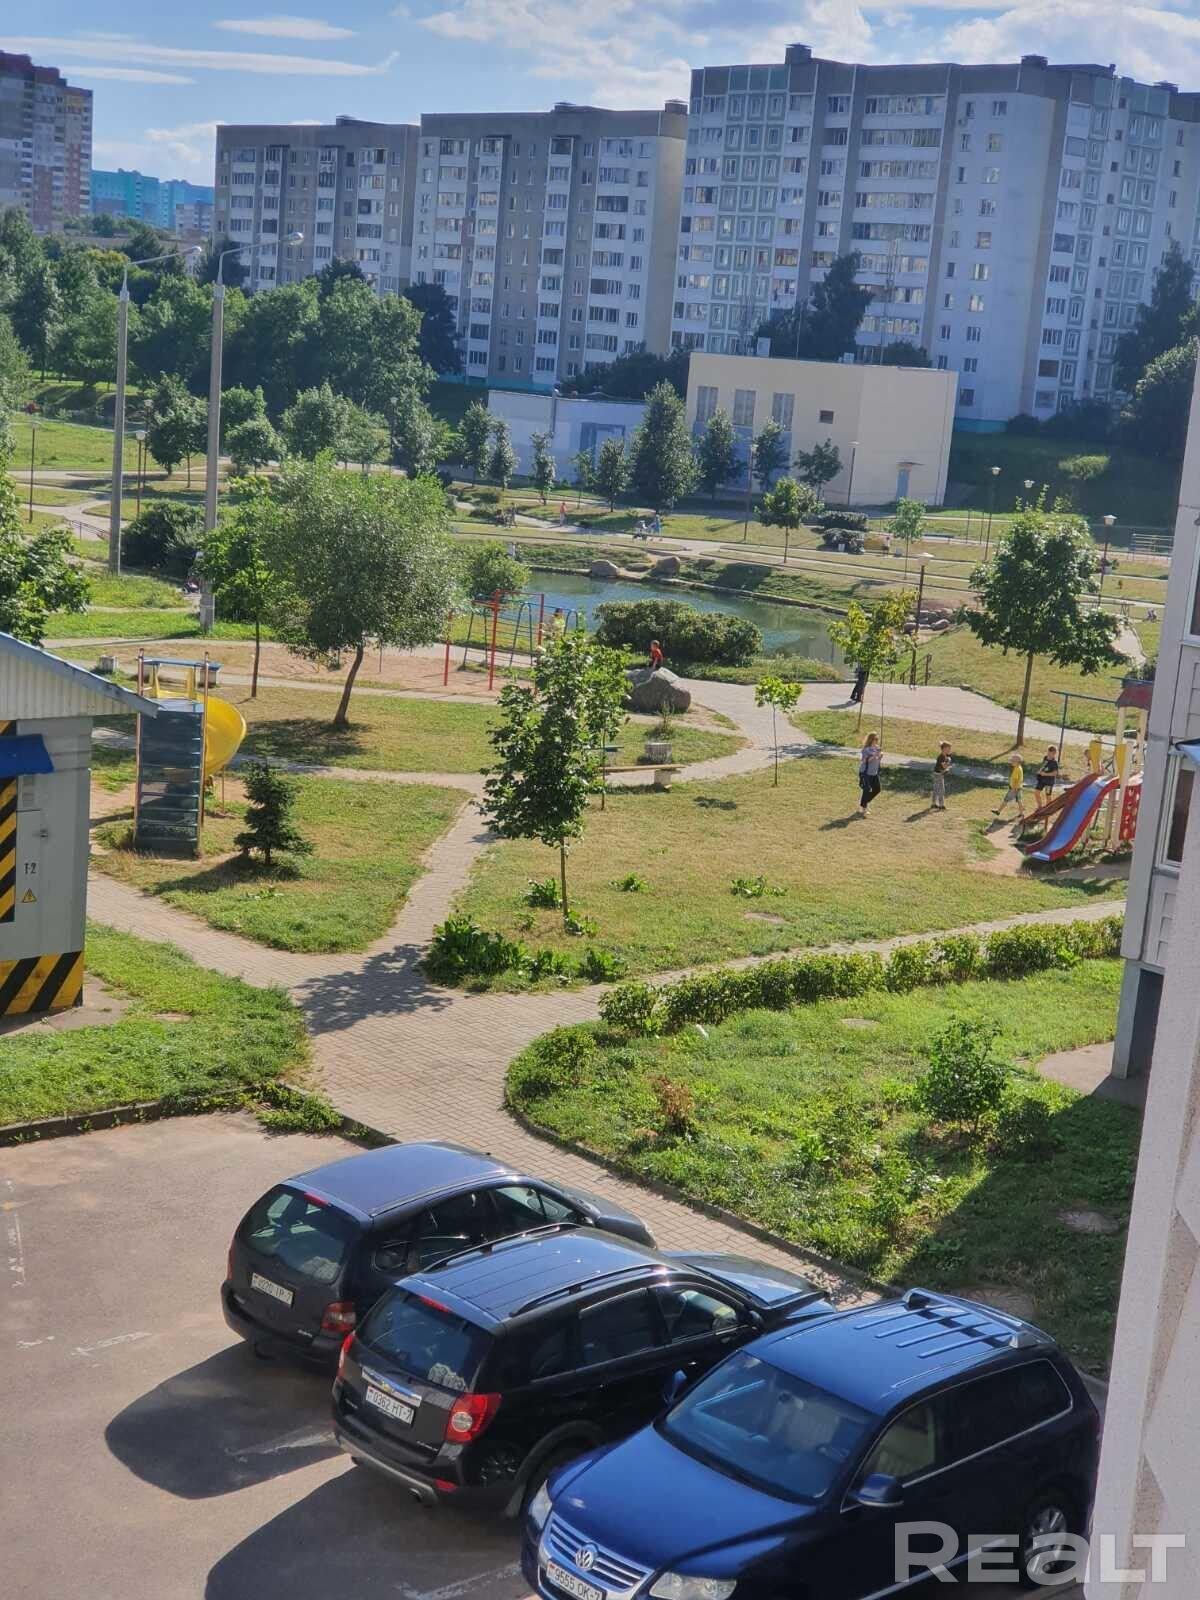 Продажа 3-х комнатной квартиры в г. Минске, ул. Лещинского, дом 55 (р-н Кунцевщина). Цена 260 062 руб